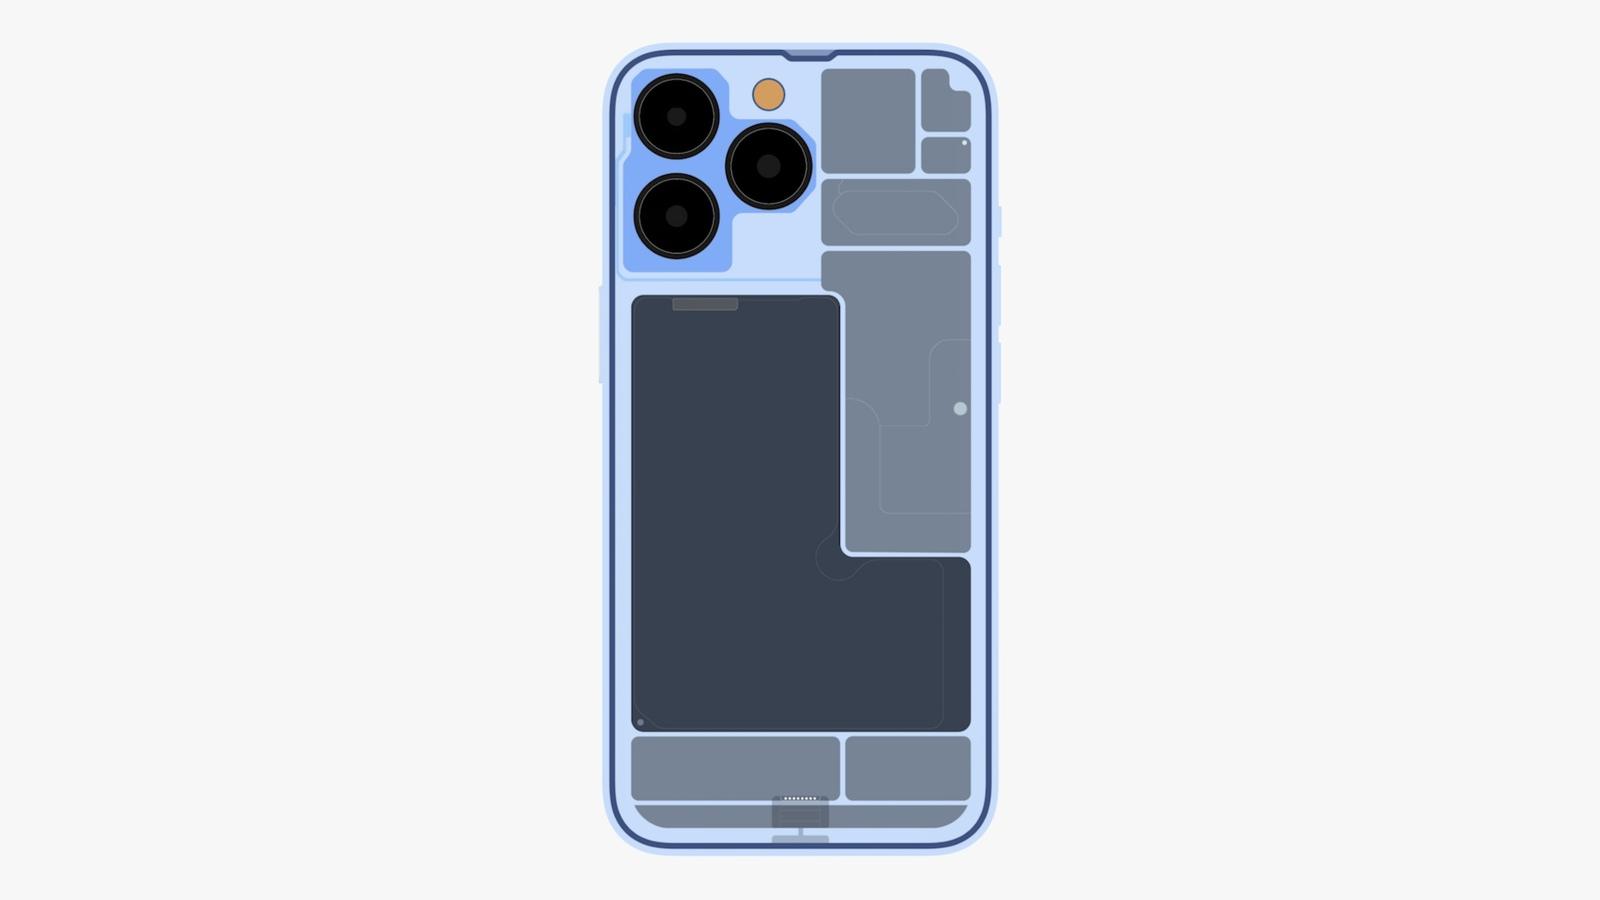 caratteristiche iPhone 13 pro e pro max